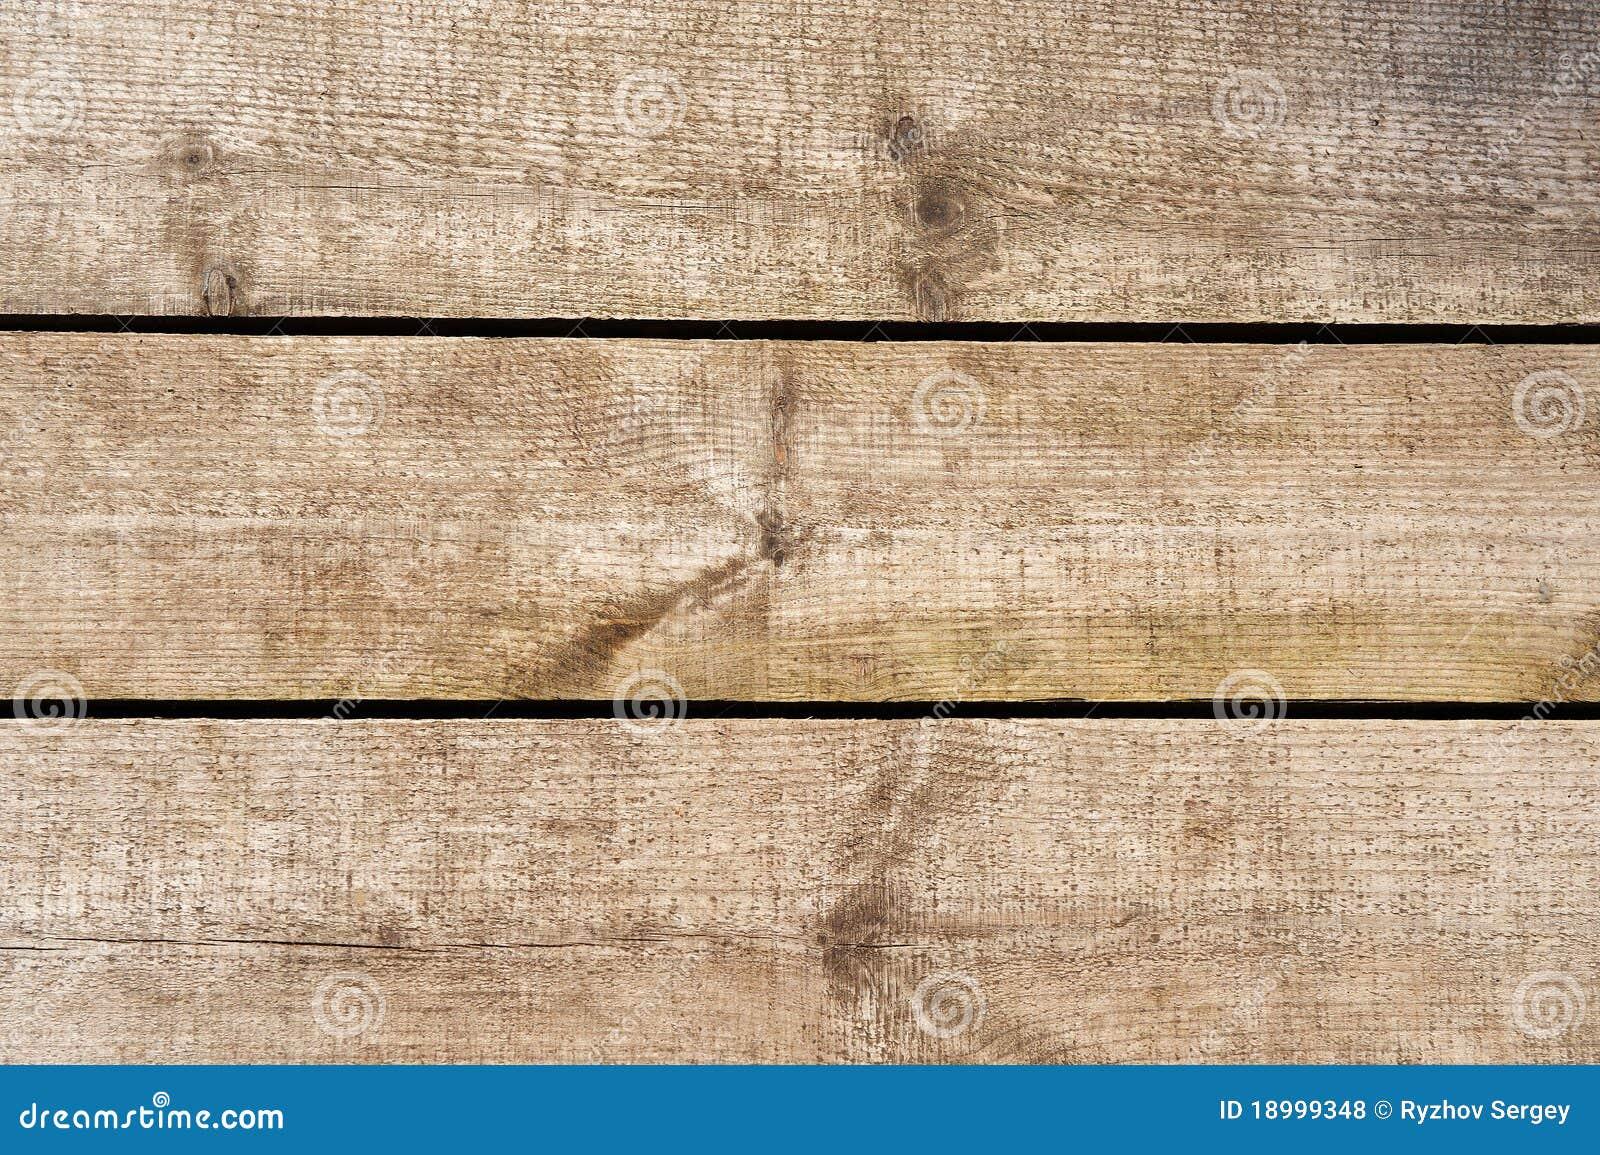 Muur Van Houten Planken.Muur Van Houten Planken Stock Foto Afbeelding Bestaande Uit Battens